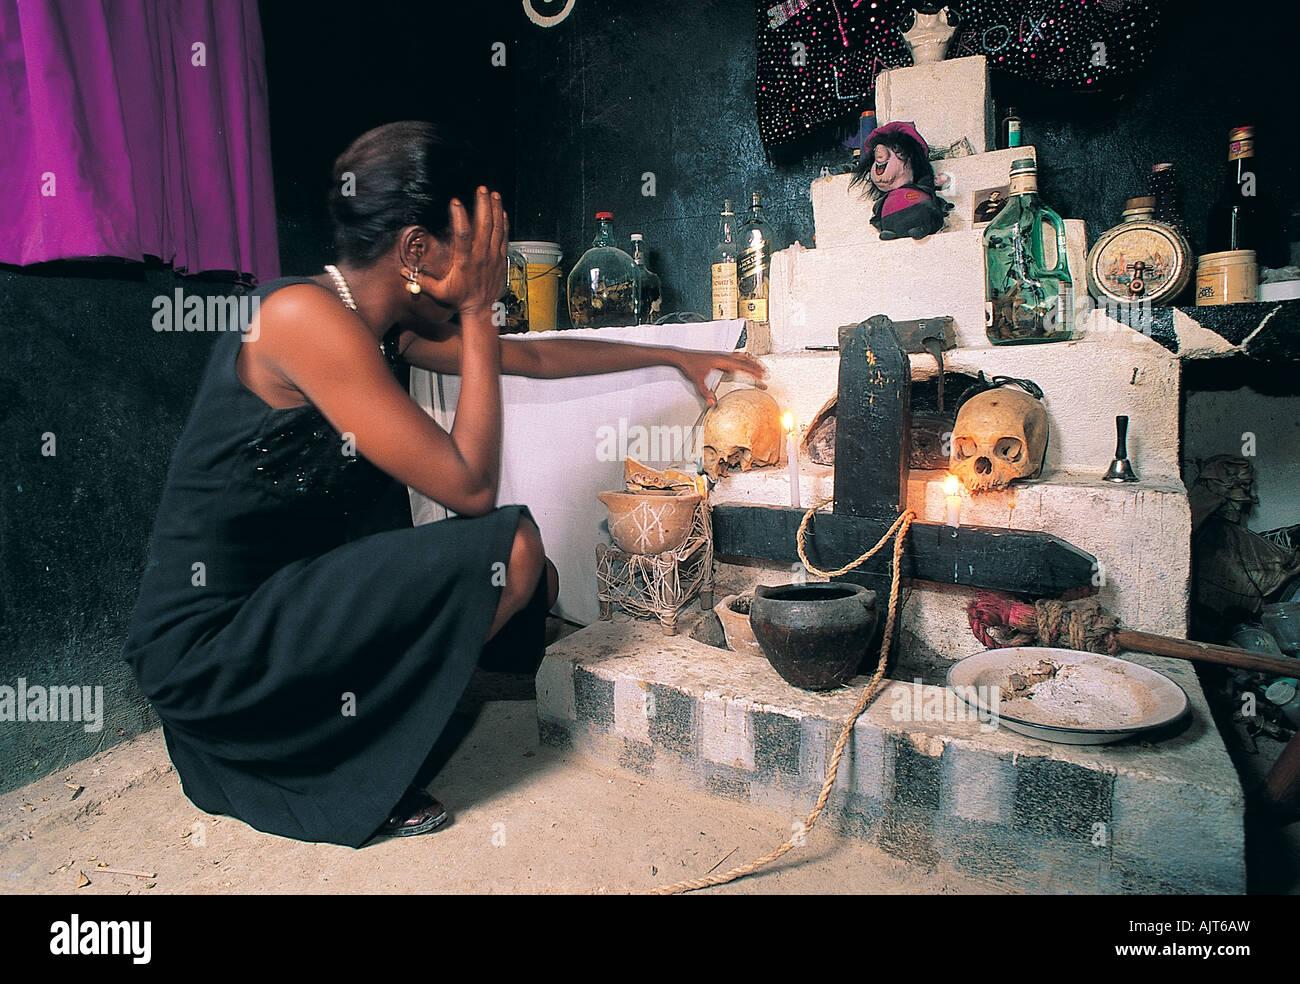 Voodoo ceremony, Haiti. - Stock Image